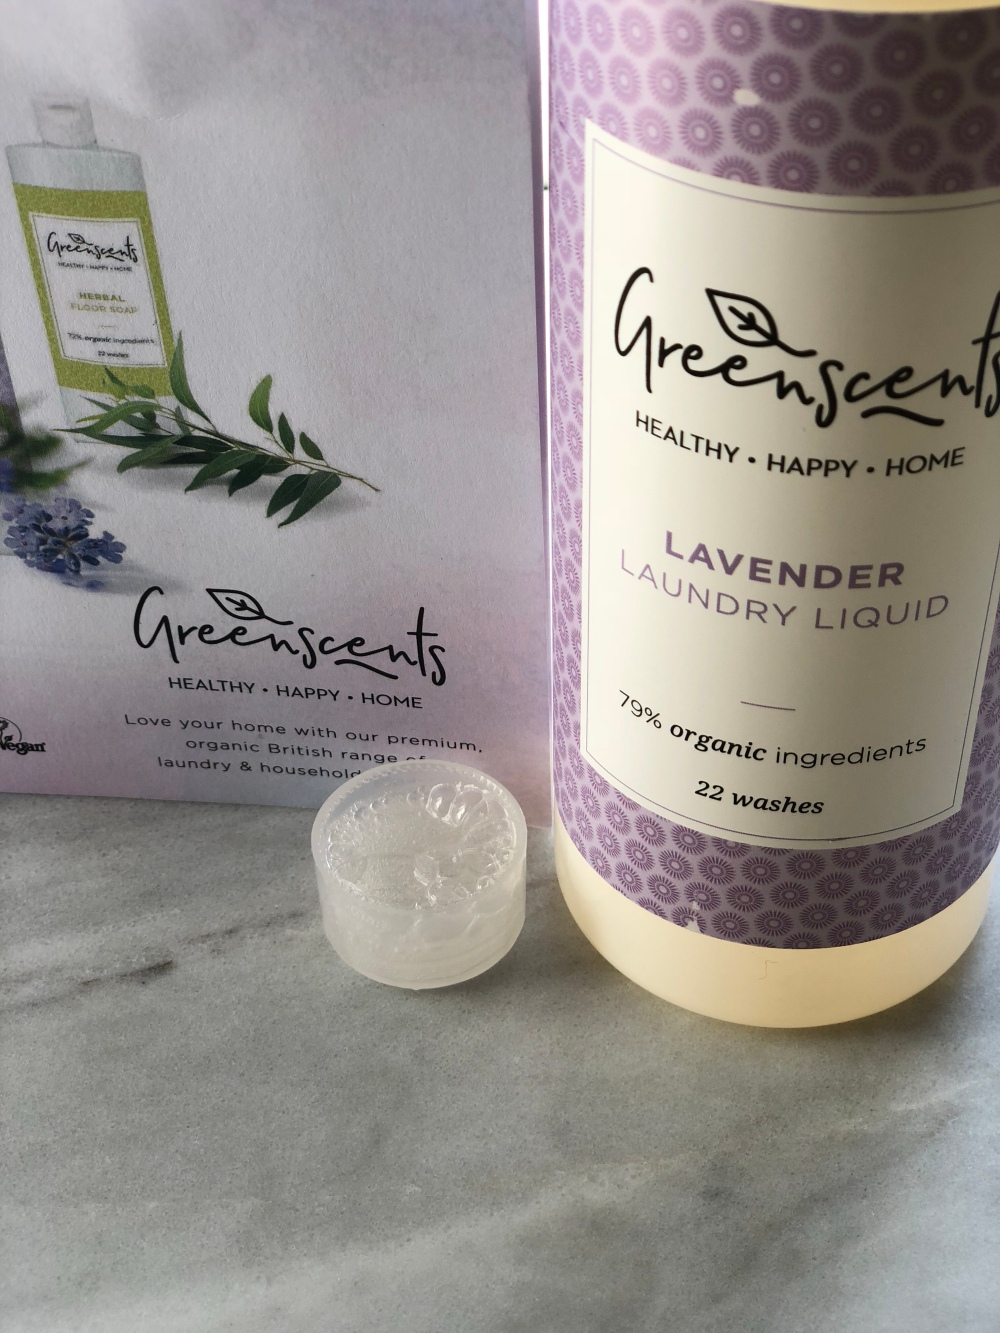 greenscents lavender laundry liquid